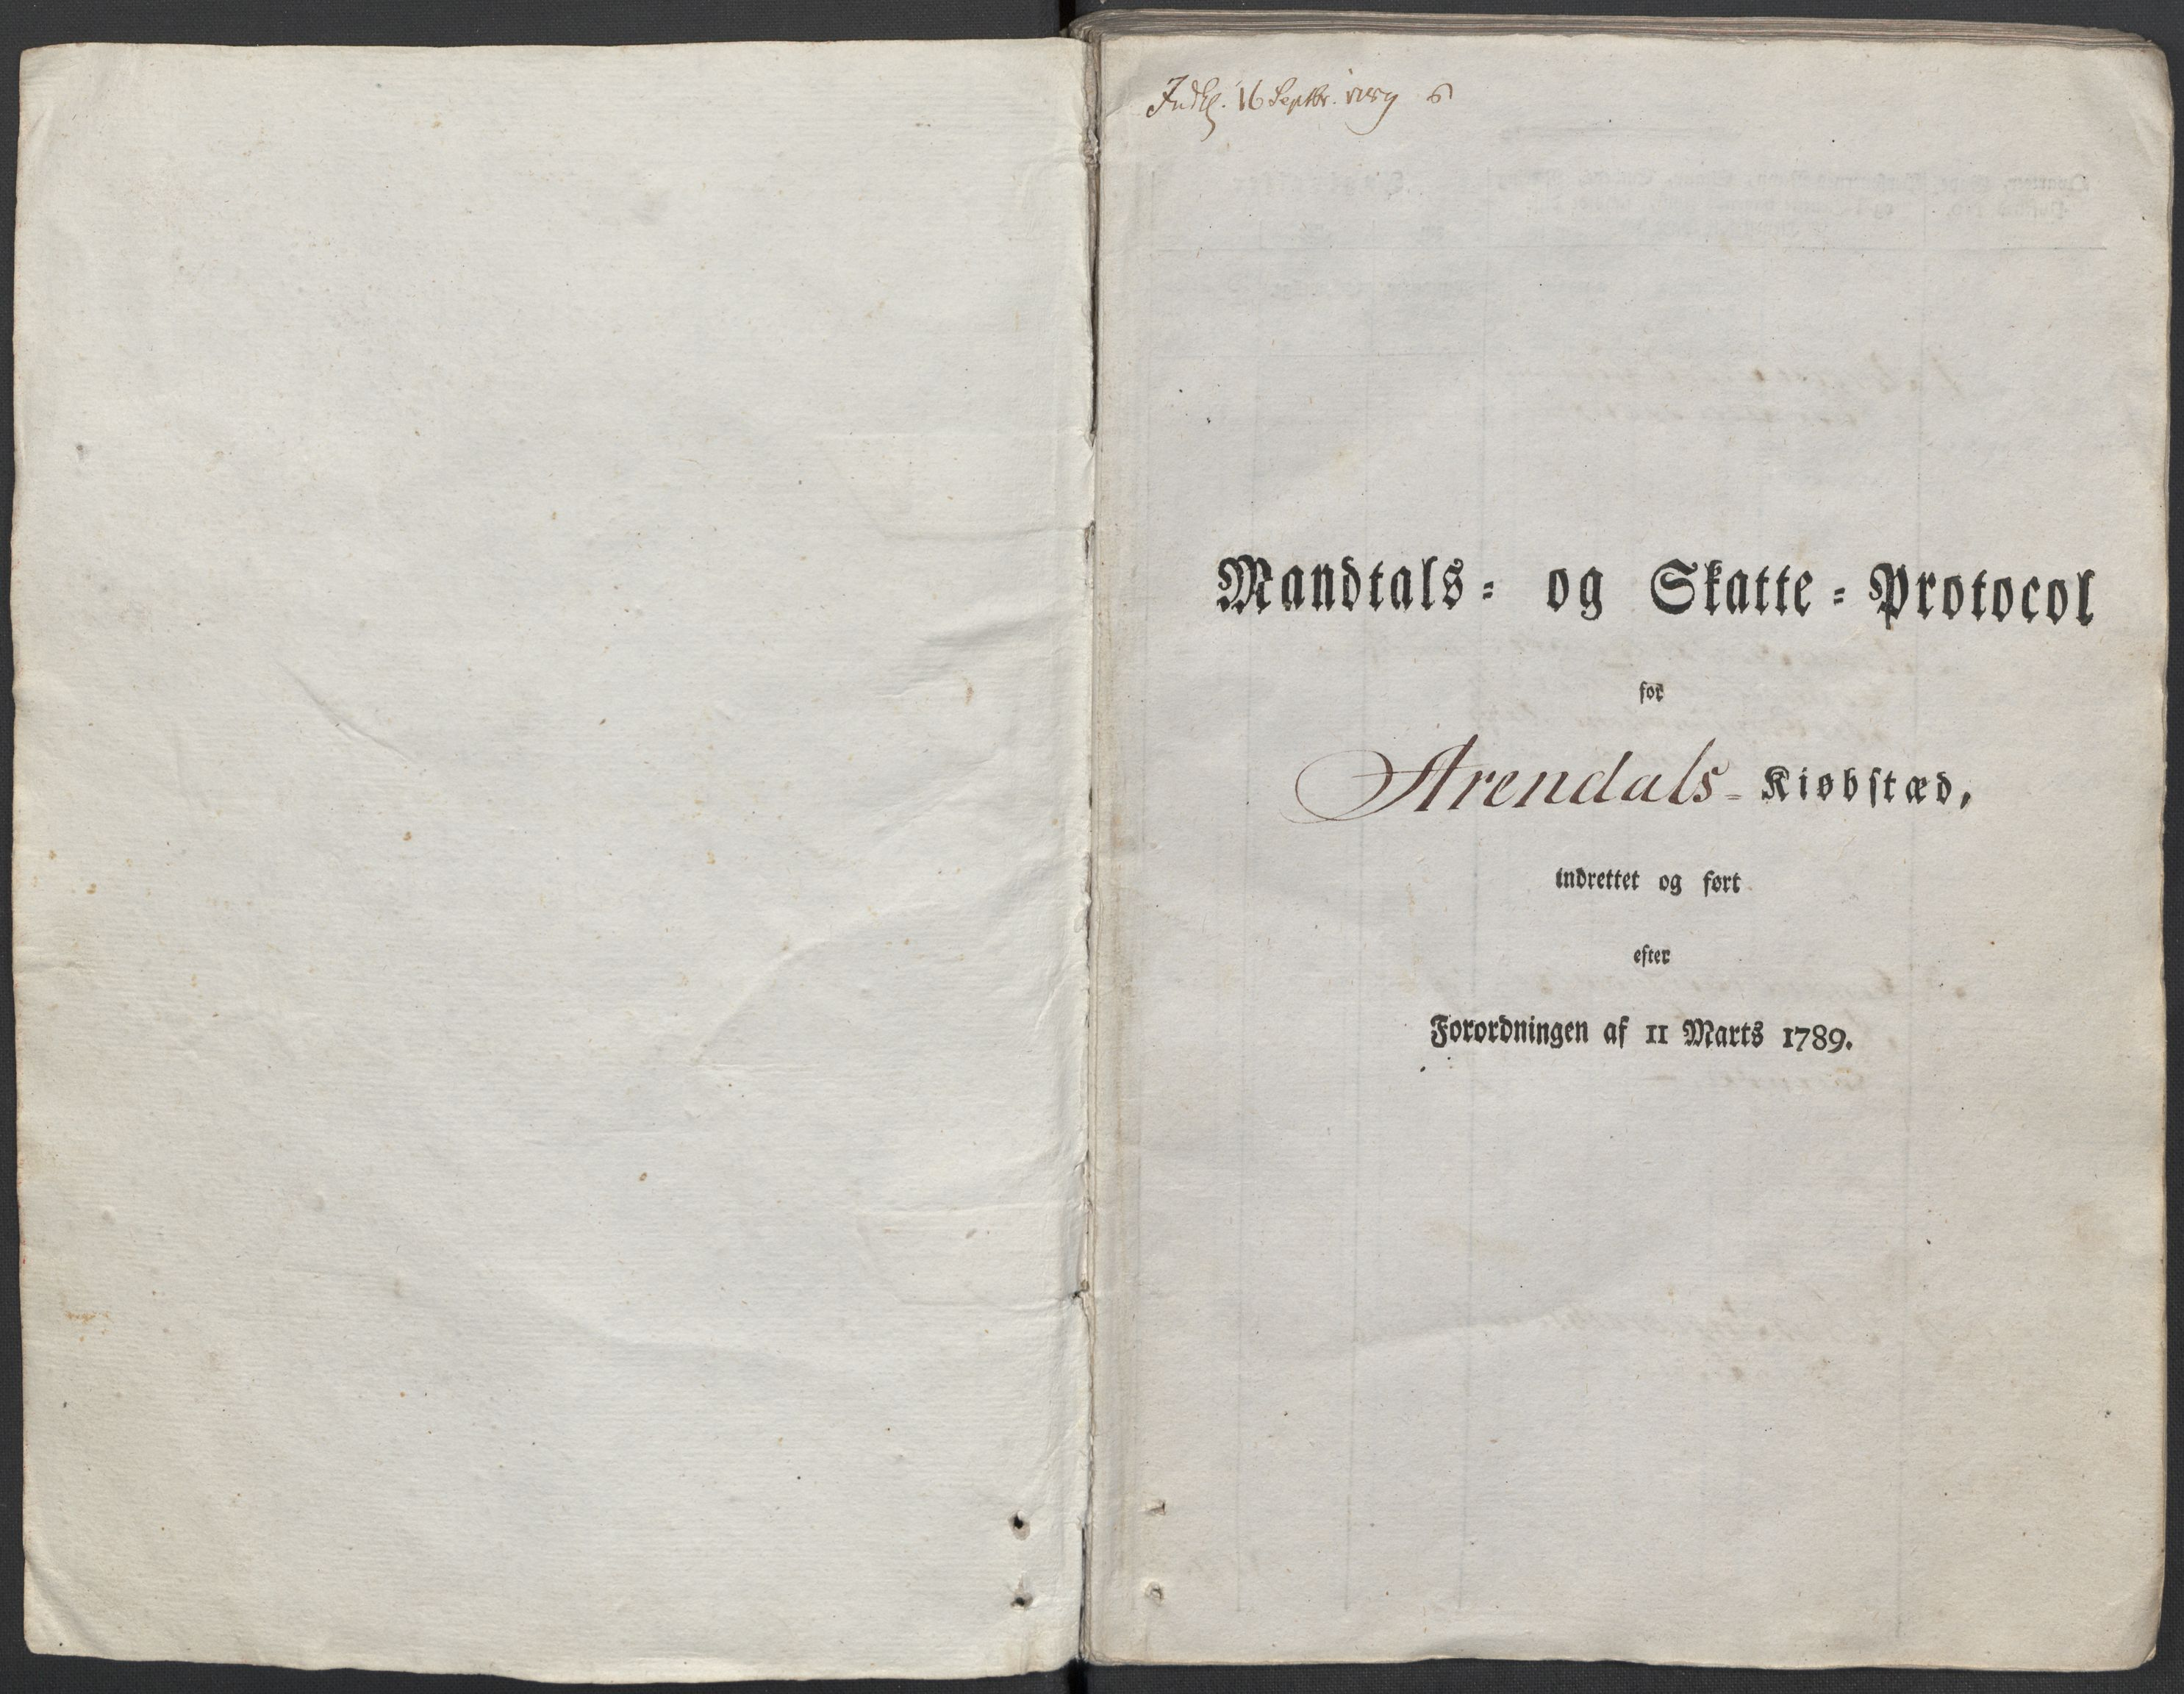 RA, Rentekammeret inntil 1814, Reviderte regnskaper, Mindre regnskaper, Rf/Rfe/L0002: Arendal. Bergen, 1789, s. 341